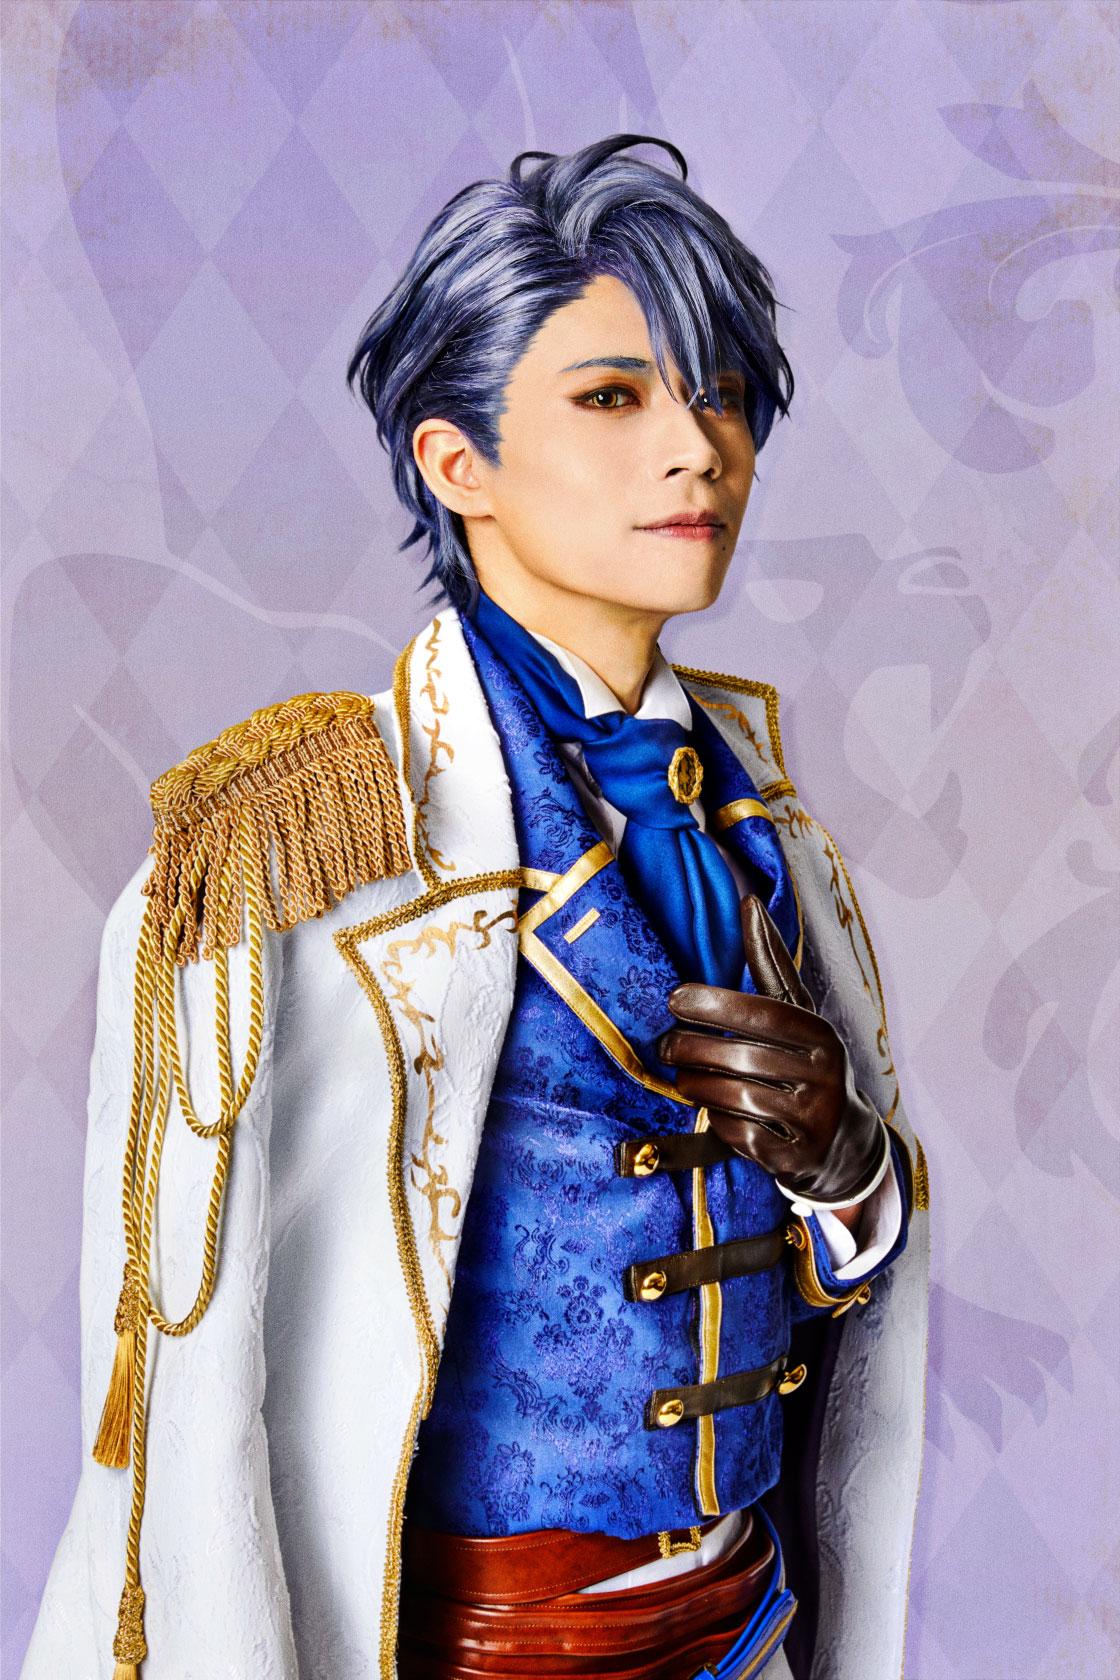 レオン イケメン 王子